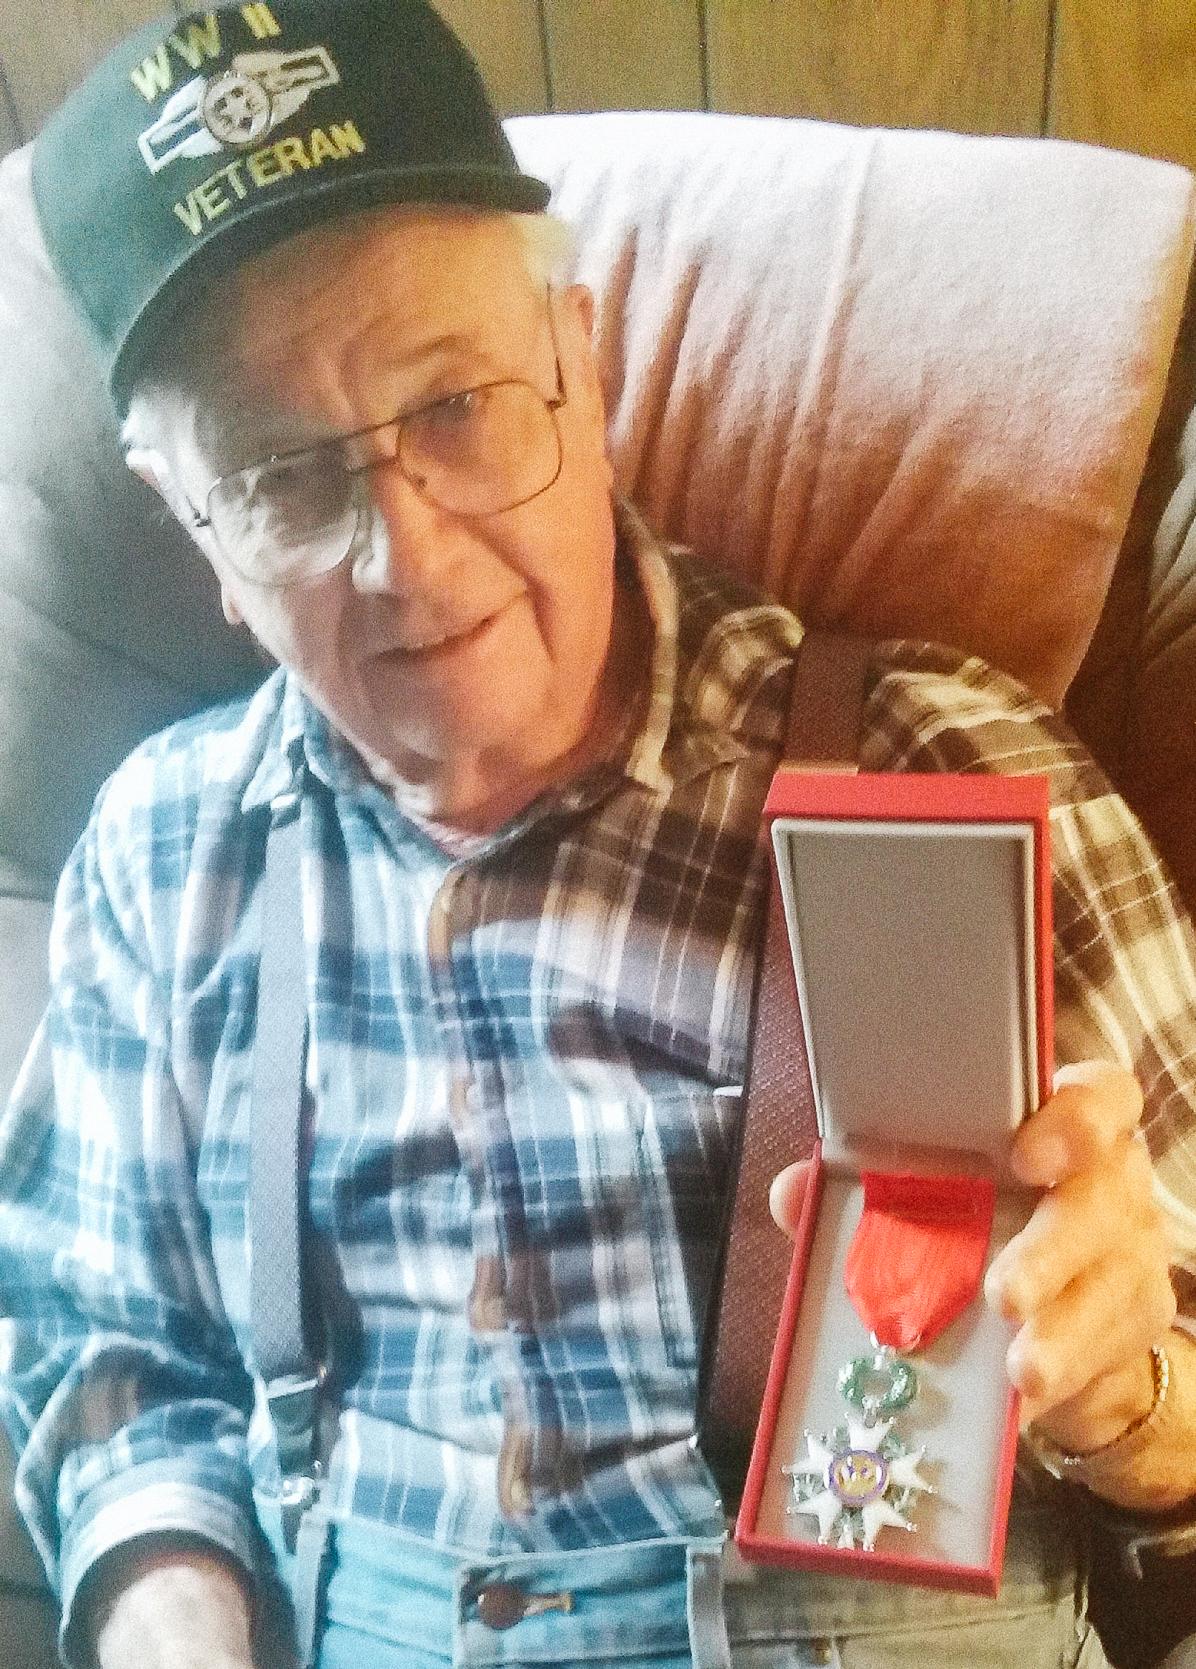 AT-Plumbing-Senior-Citizen-Veteran-Repeat-Customer-Discount-Roanoke-Virginia.jpg